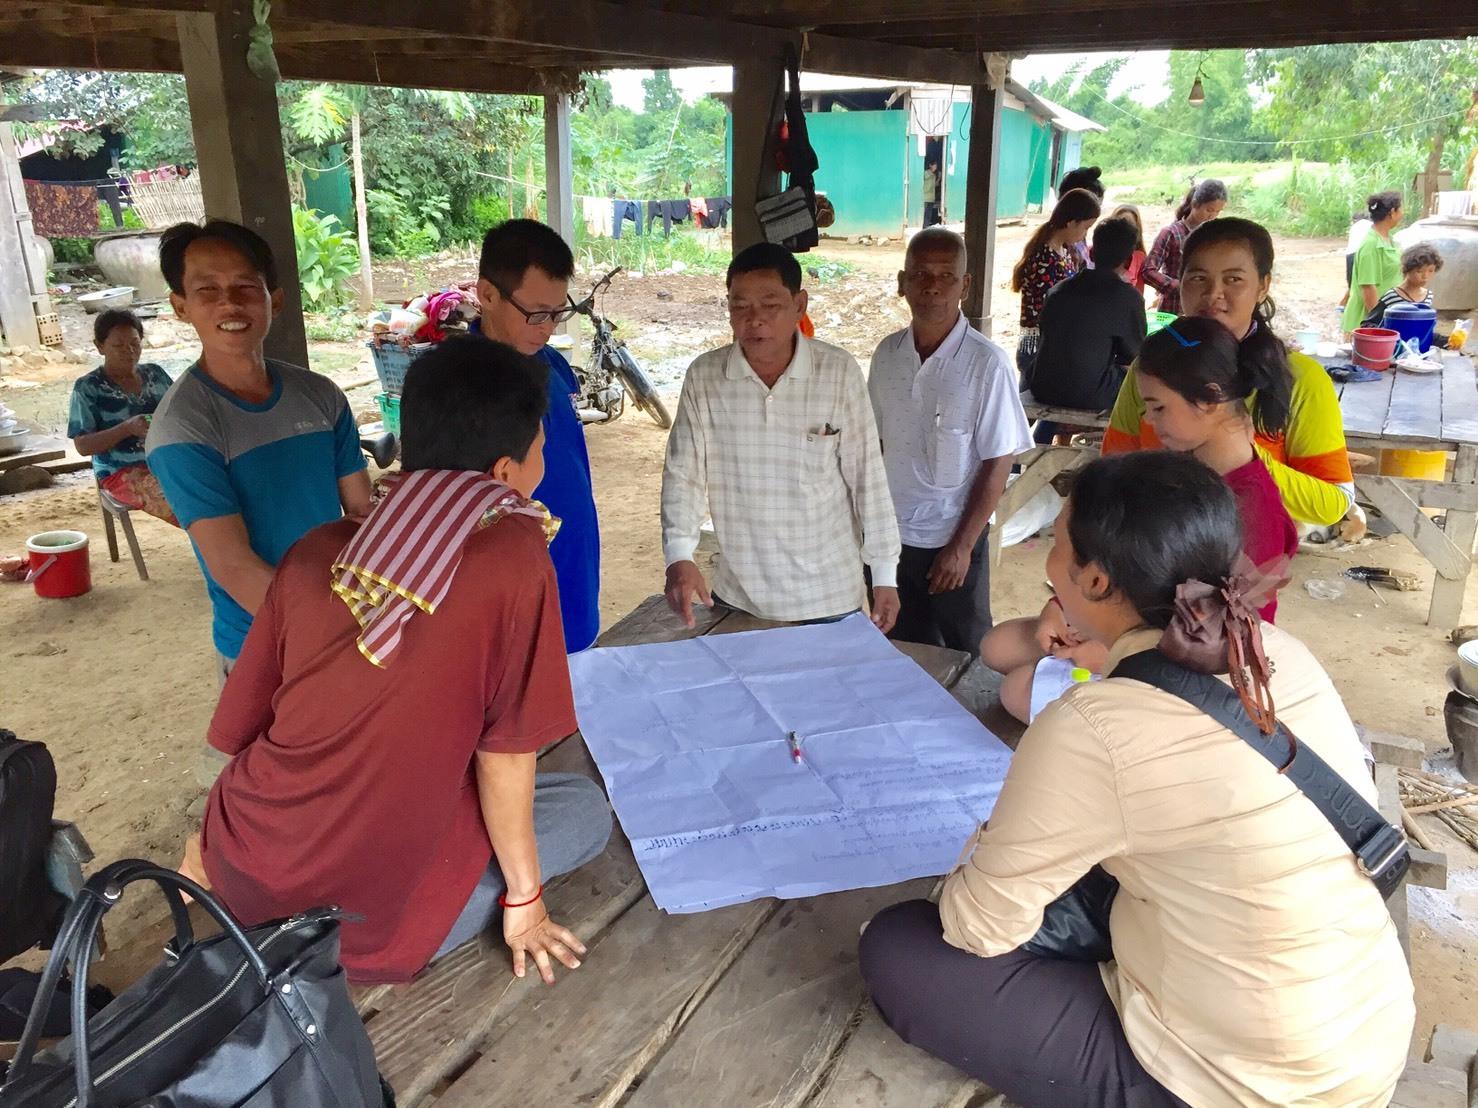 話し合いをしている村のリーダーと当会スタッフ